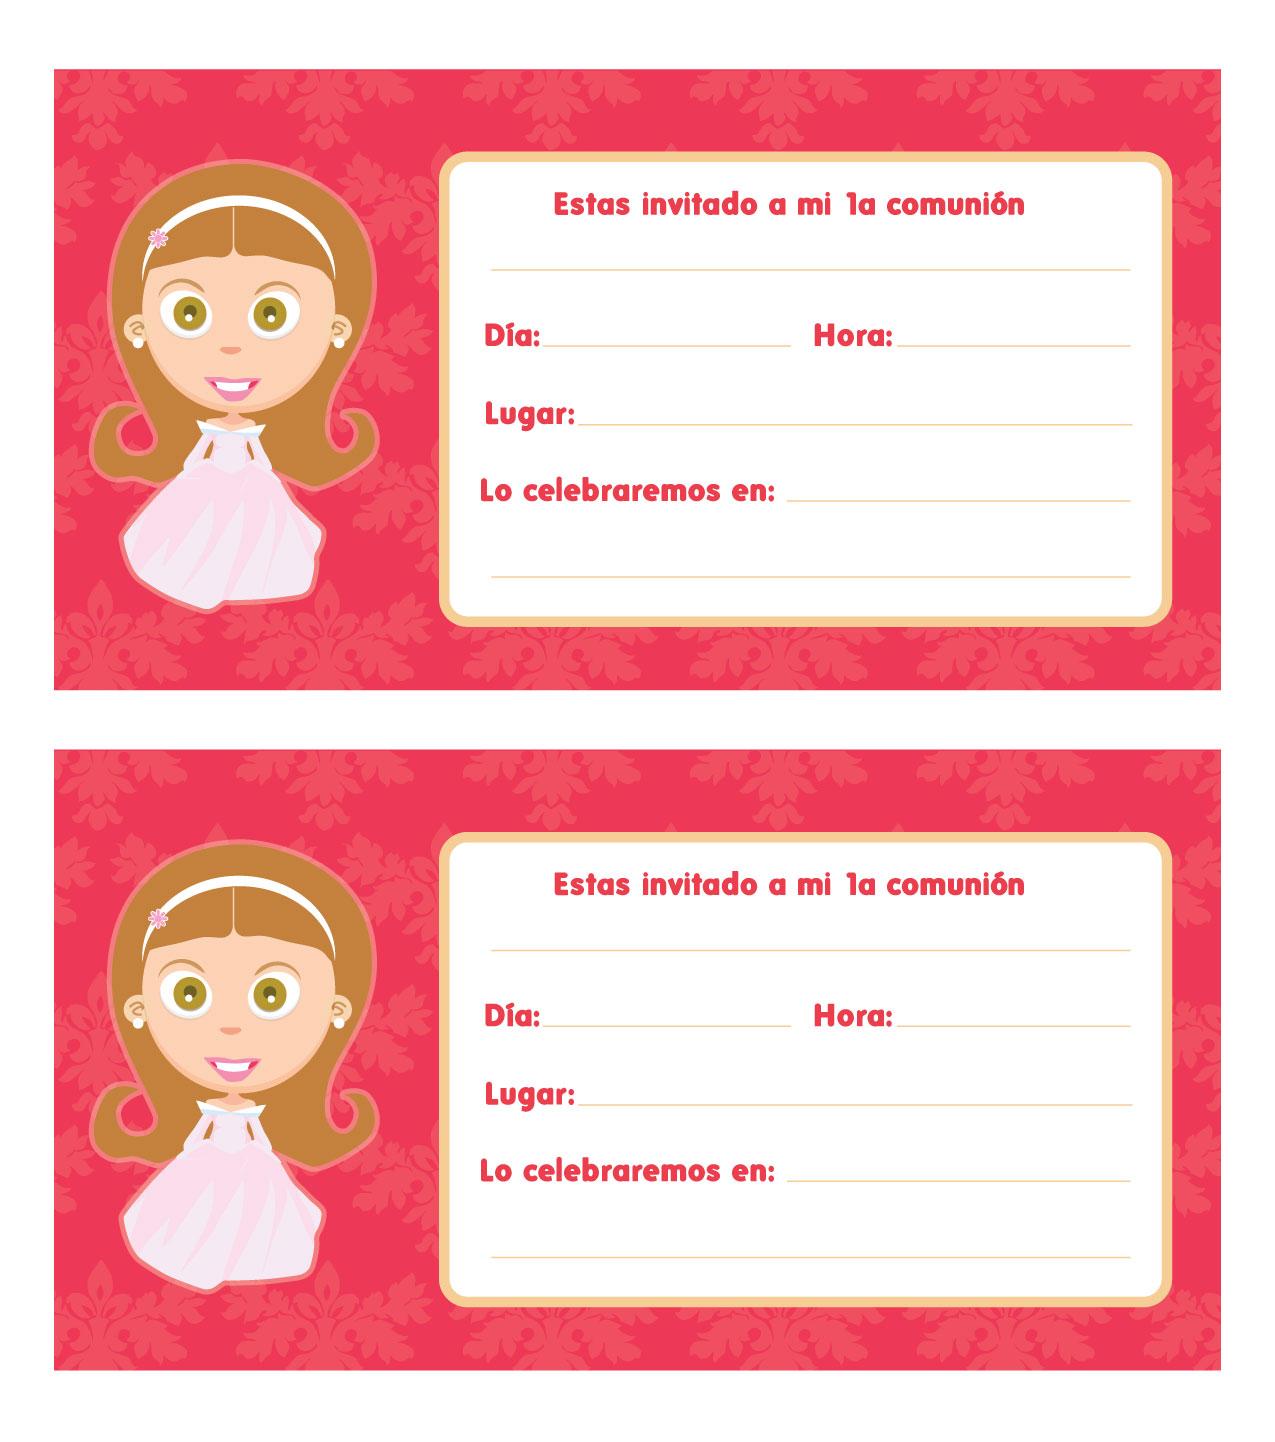 Invitaciónes de primera comunión para editar gratis - Imagui